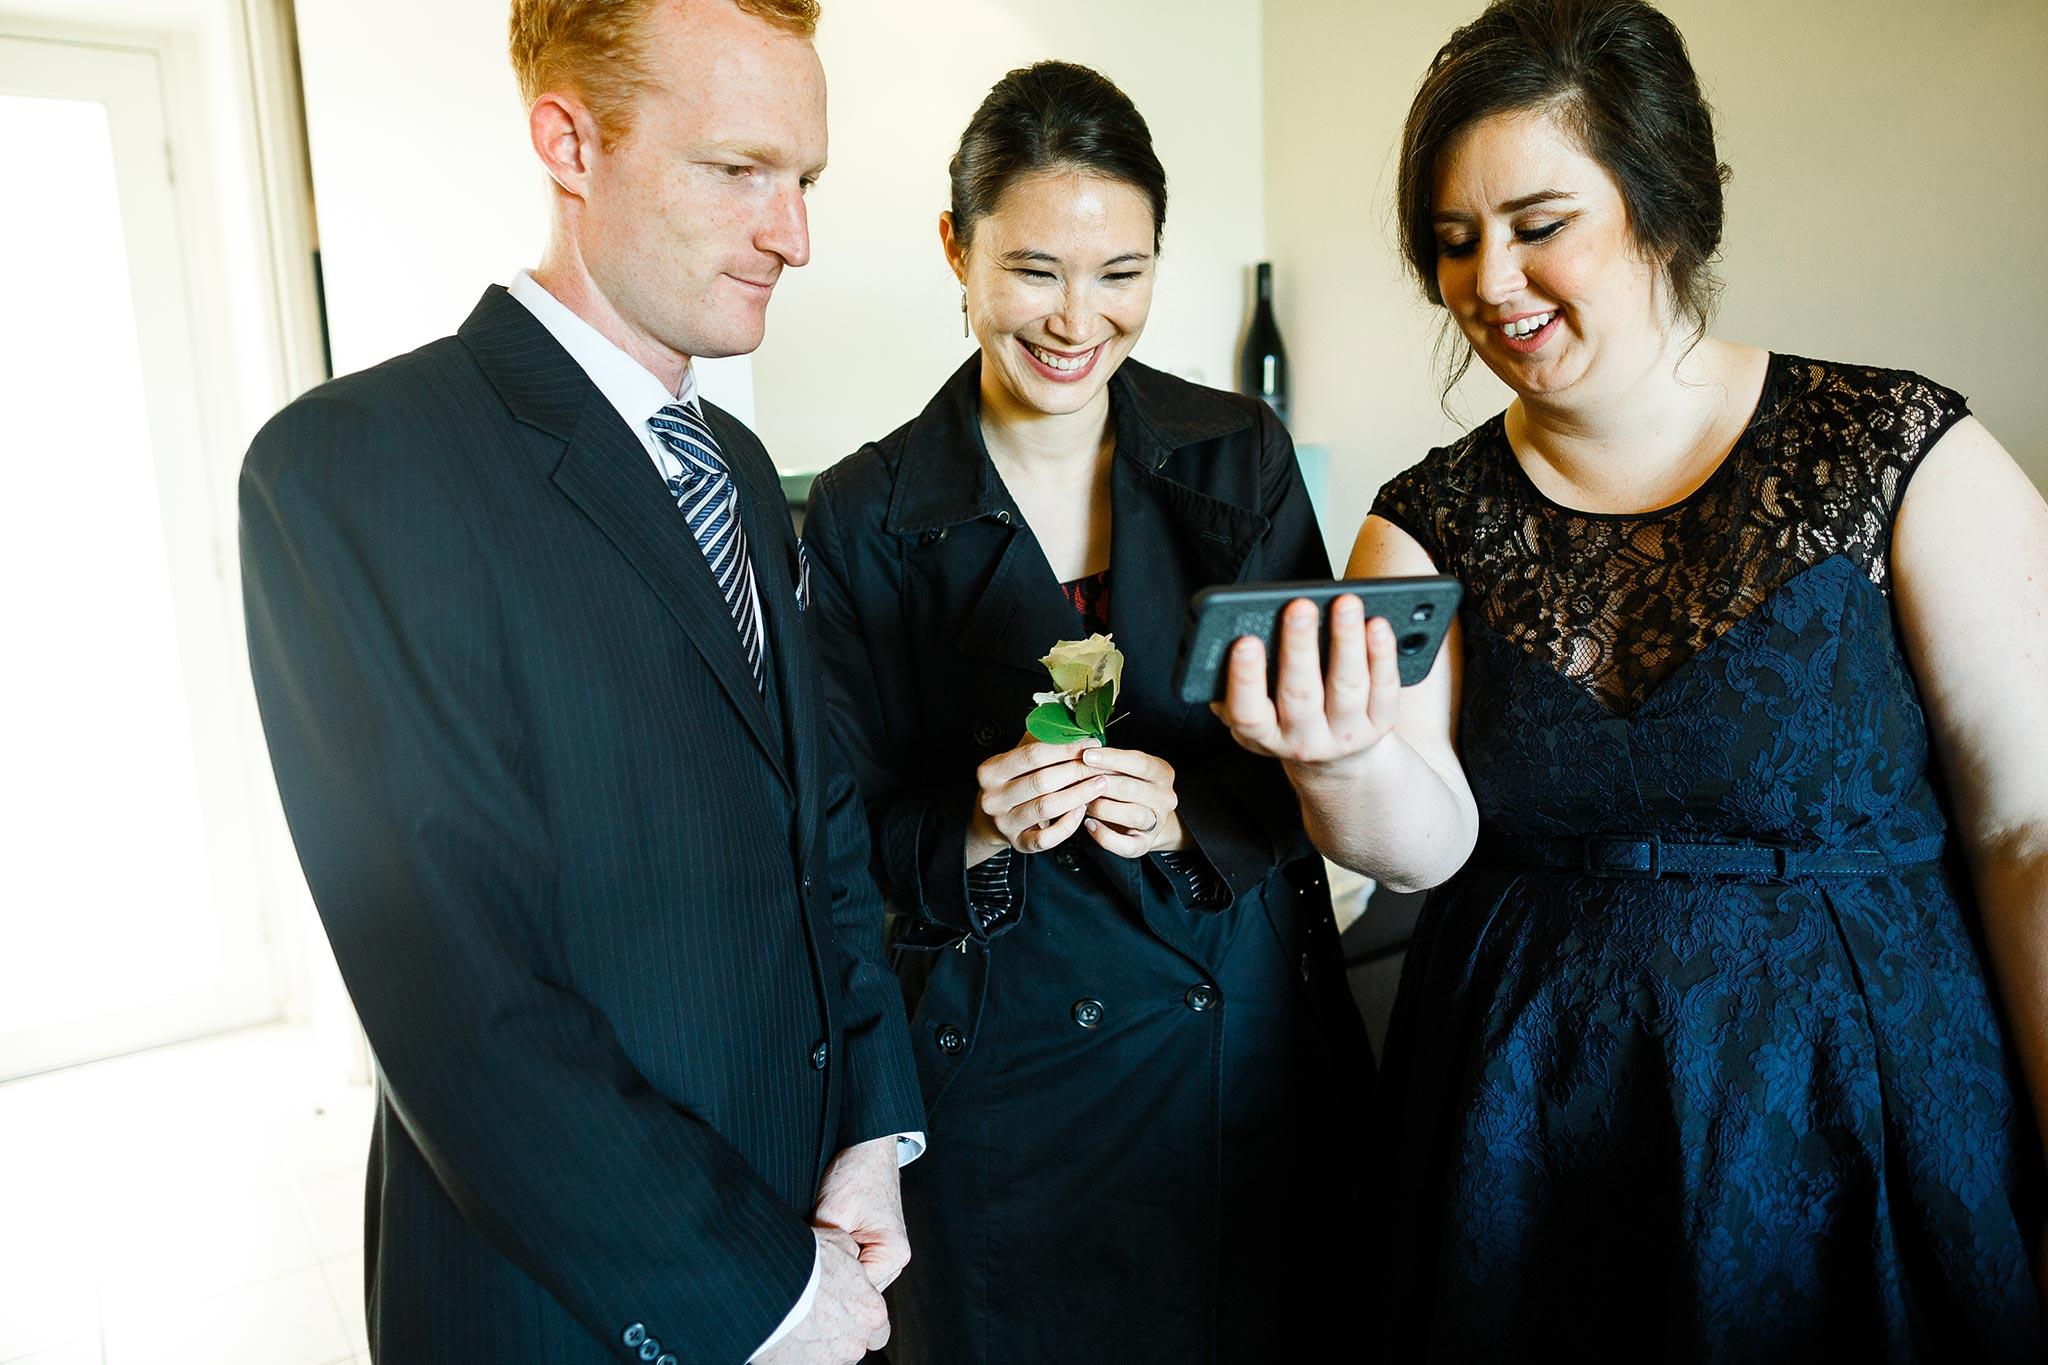 Daylesford-Lake-House-Wedding-Photography-instruction